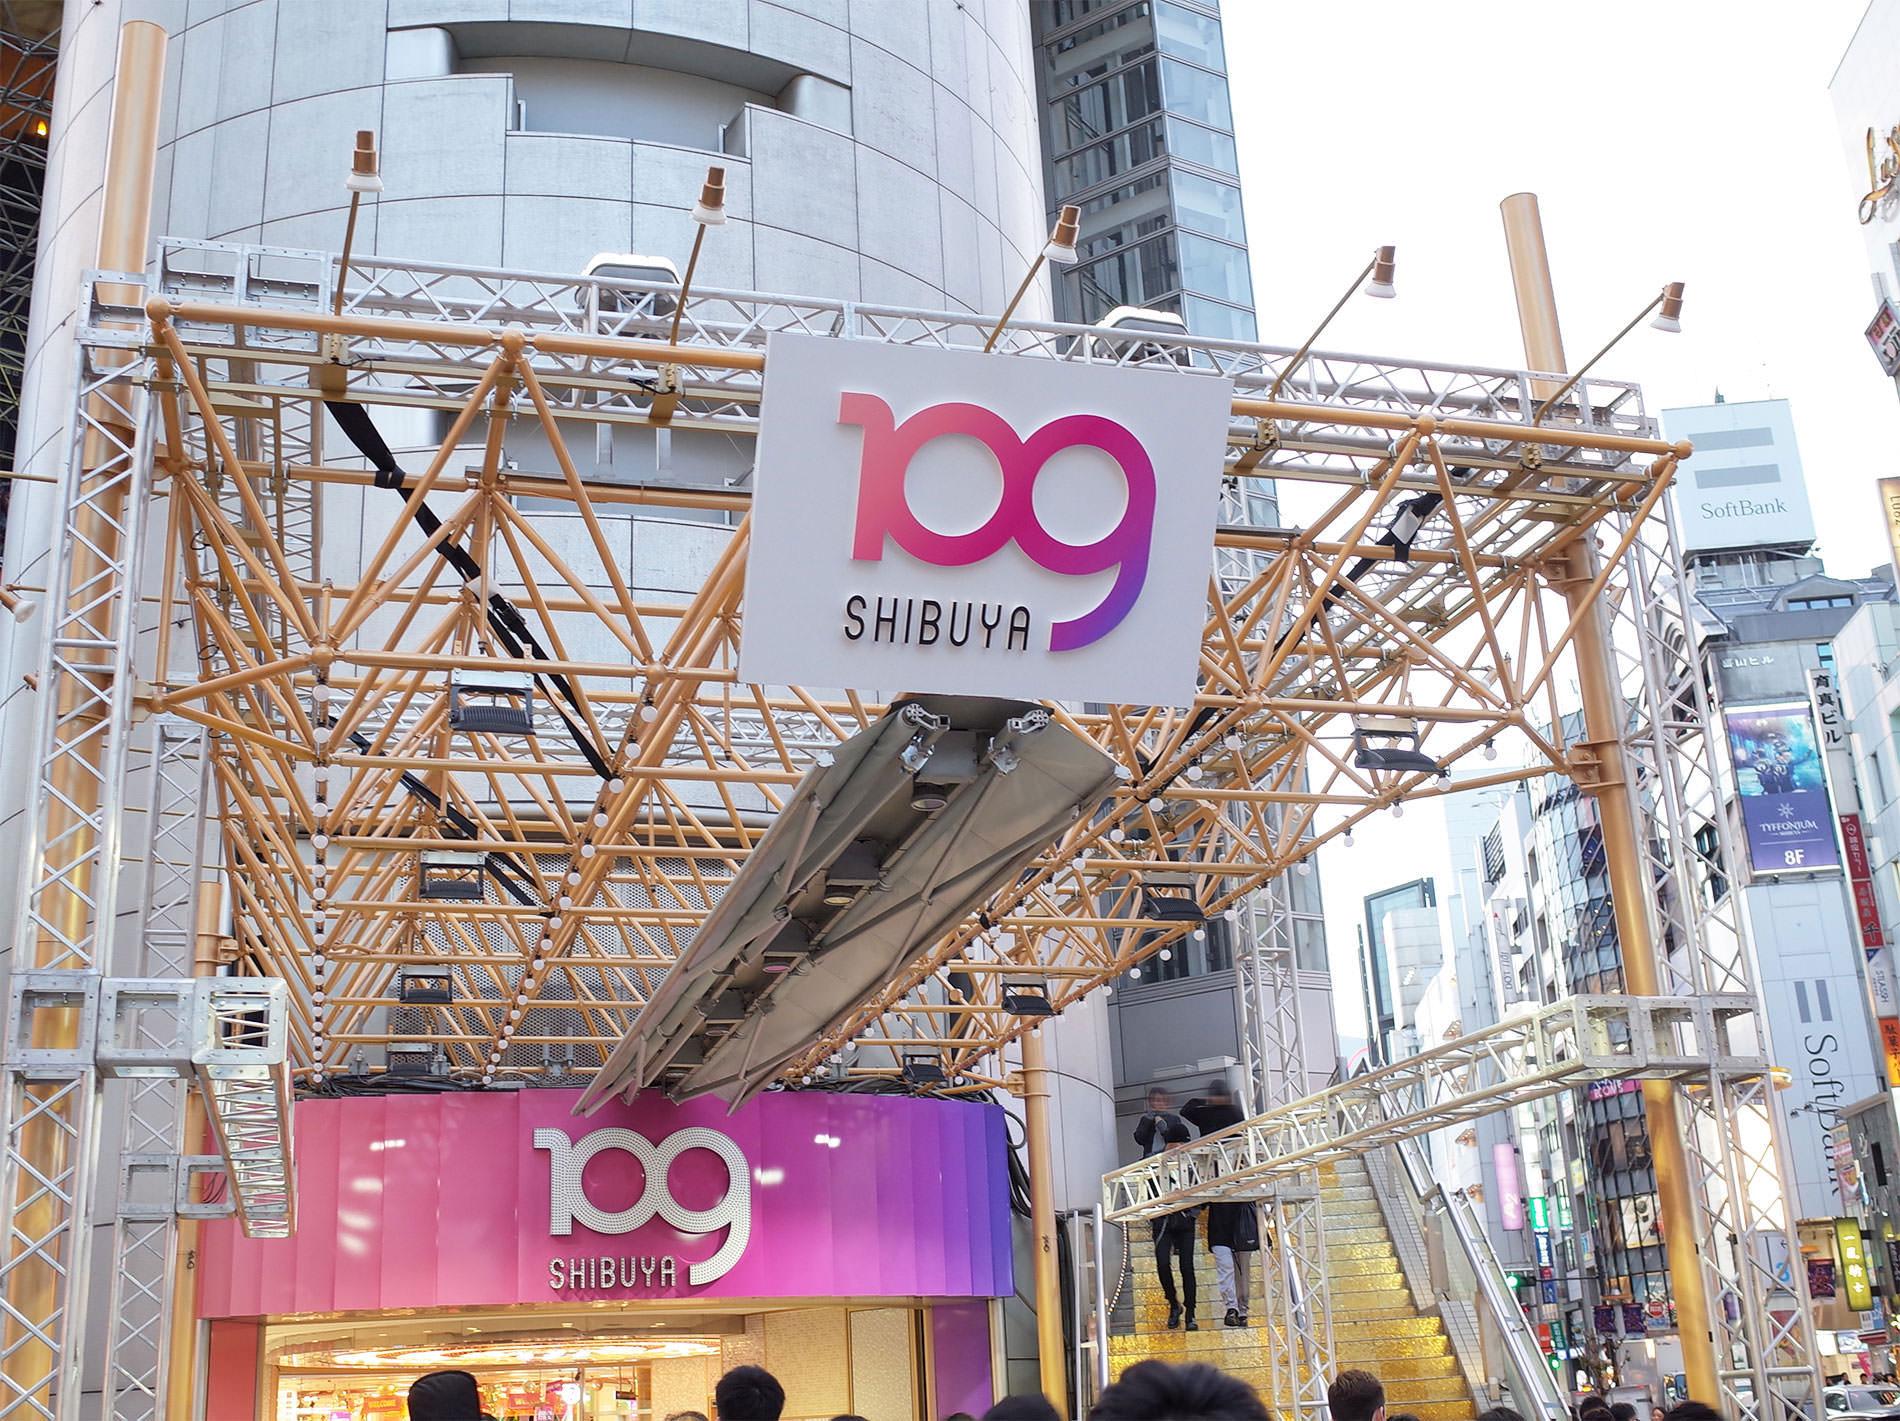 渋谷109 | SHIBUYA 109 新ロゴ